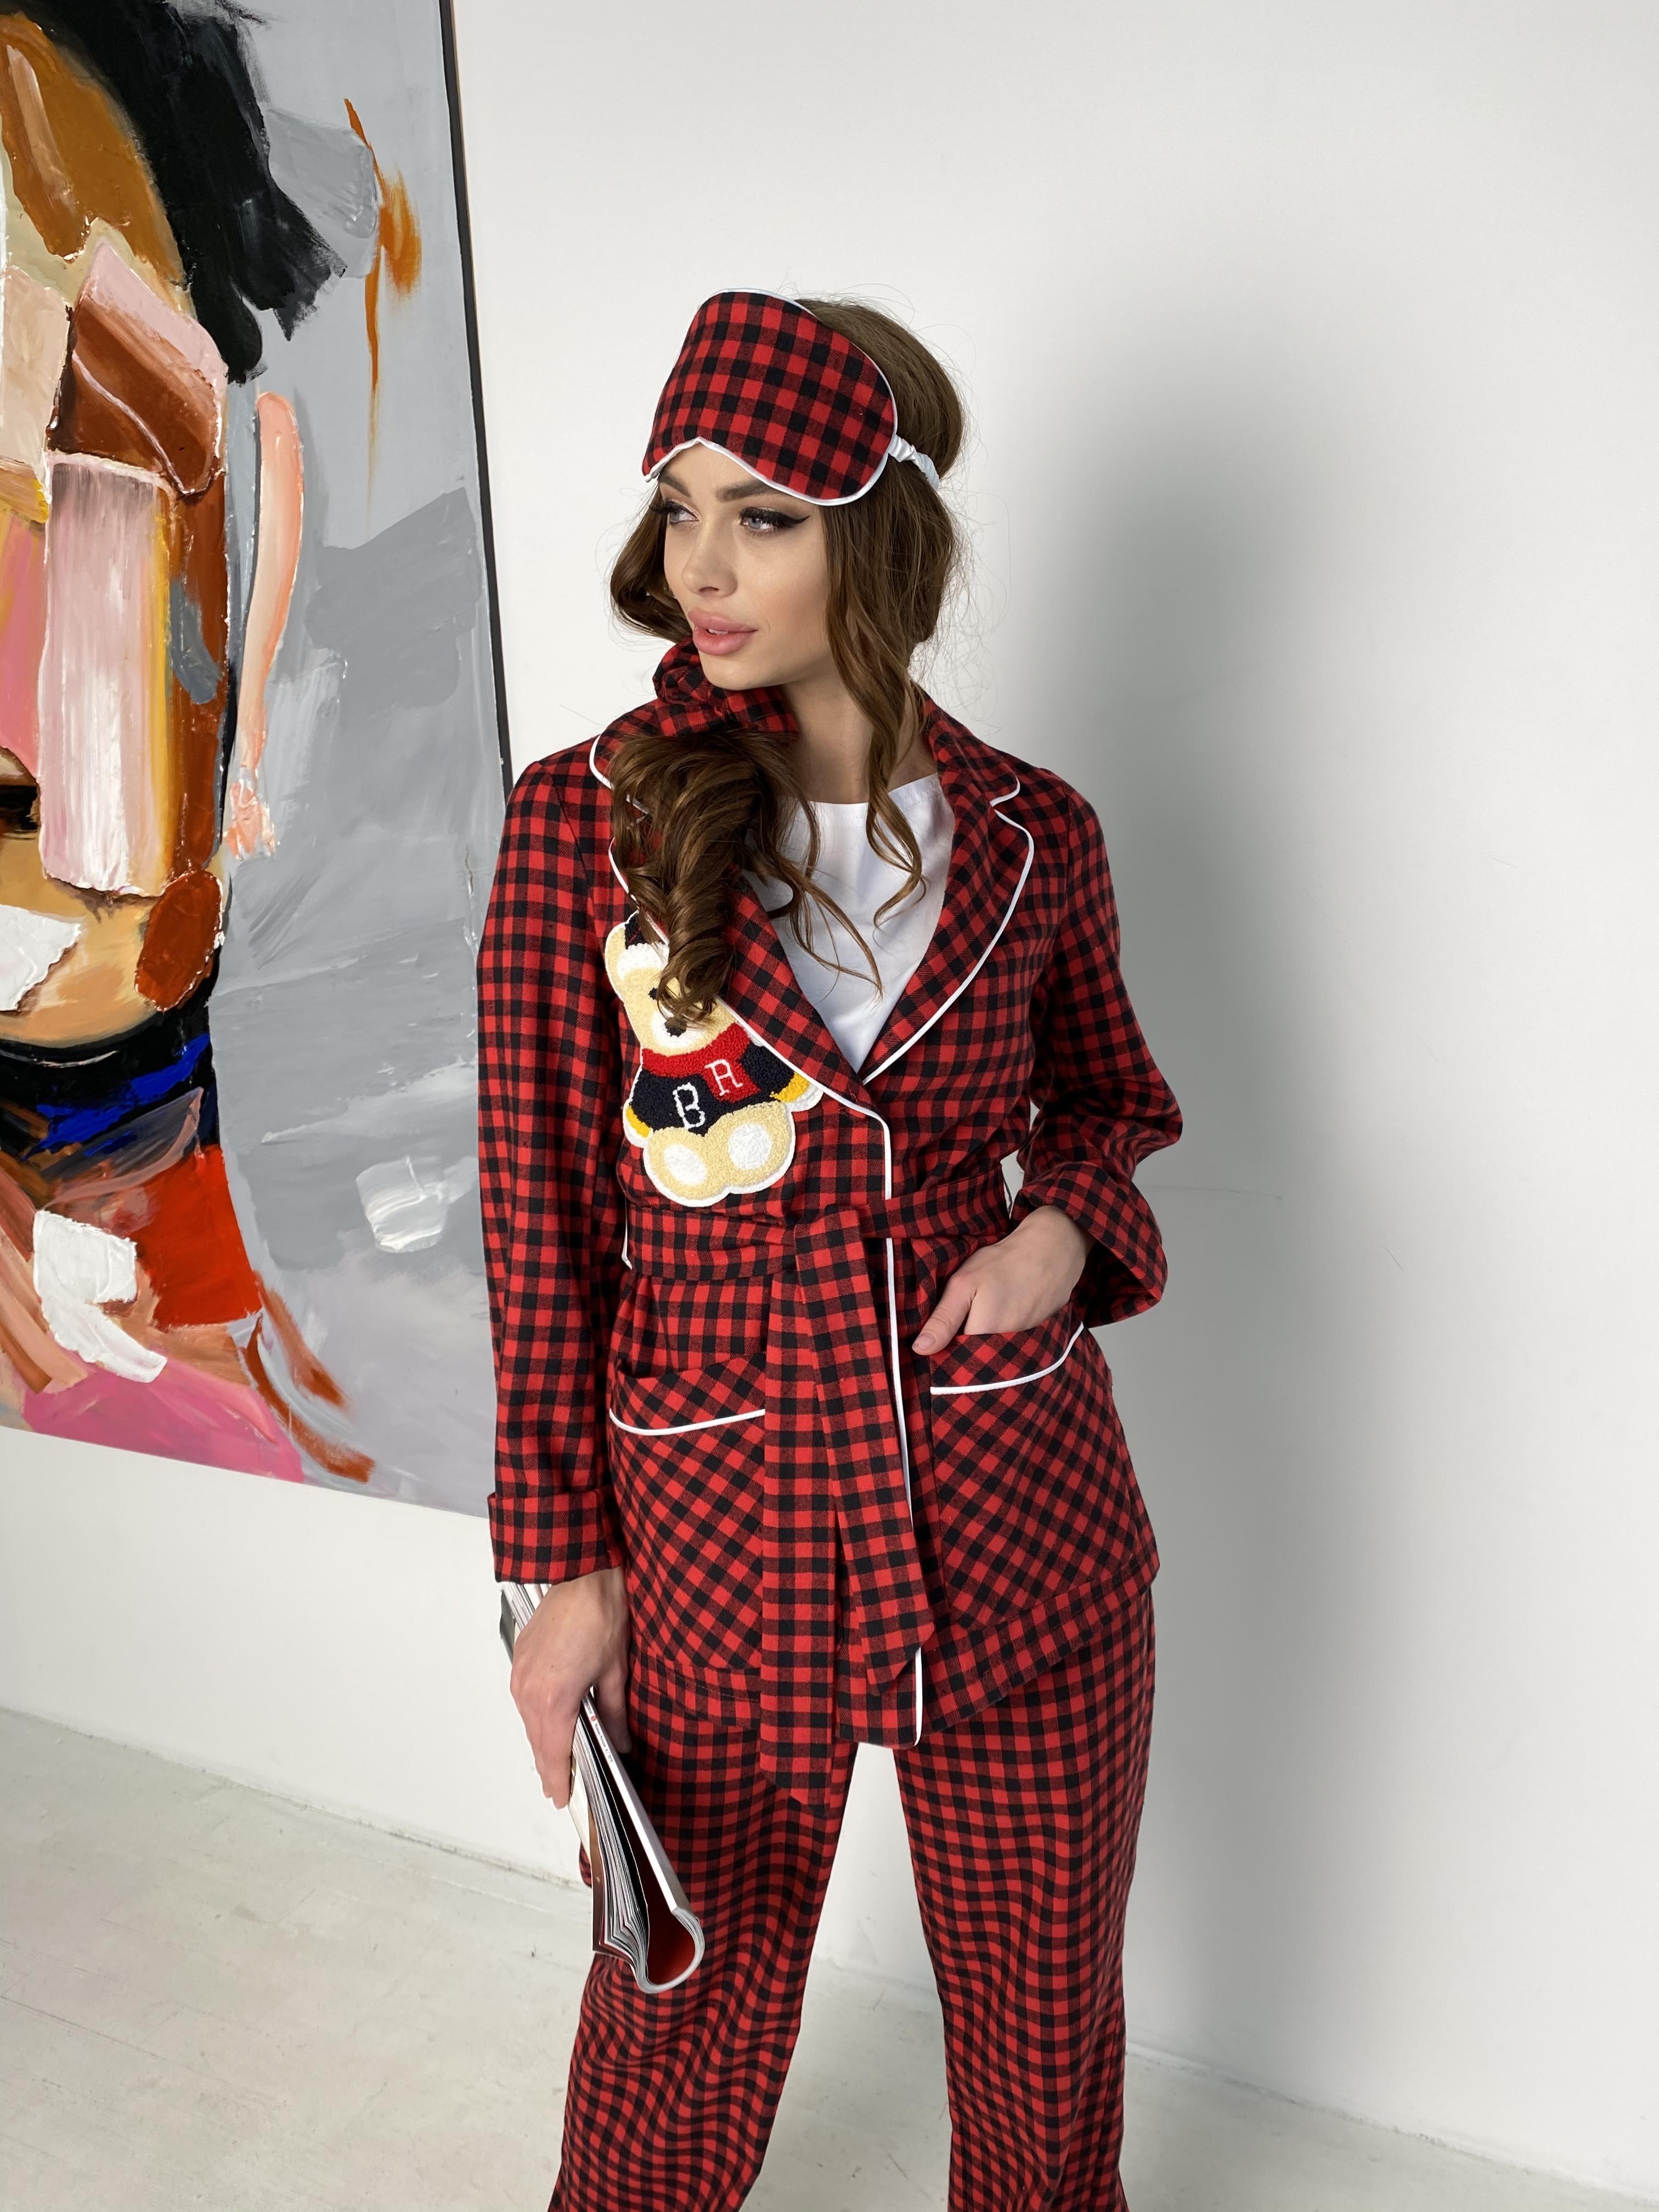 Женские костюмы оптом от производителя Modus Тедди пижама в клетку из коттона(жакет,футболка,брюки,маска,резинка) 10384